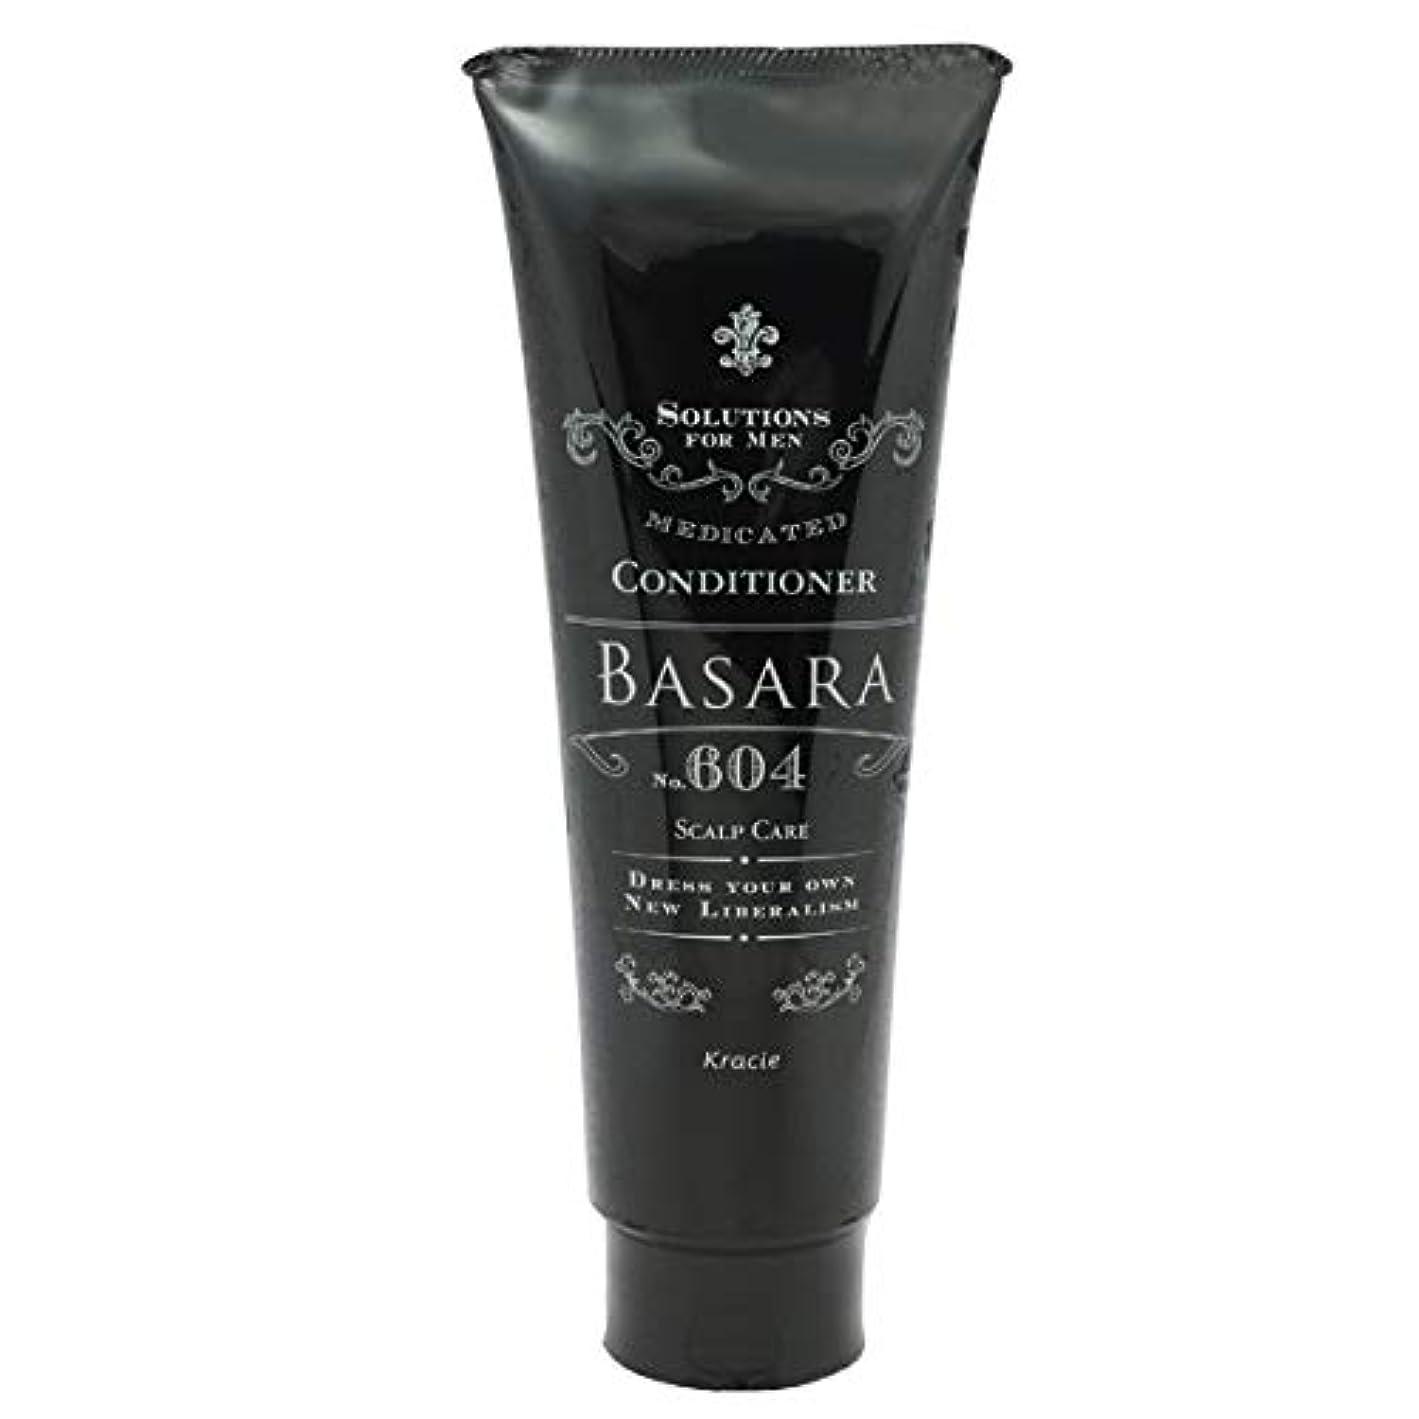 妊娠した倫理甲虫サロンモード(Salon Mode) クラシエ バサラ 薬用スカルプ コンディショナー 604 250g